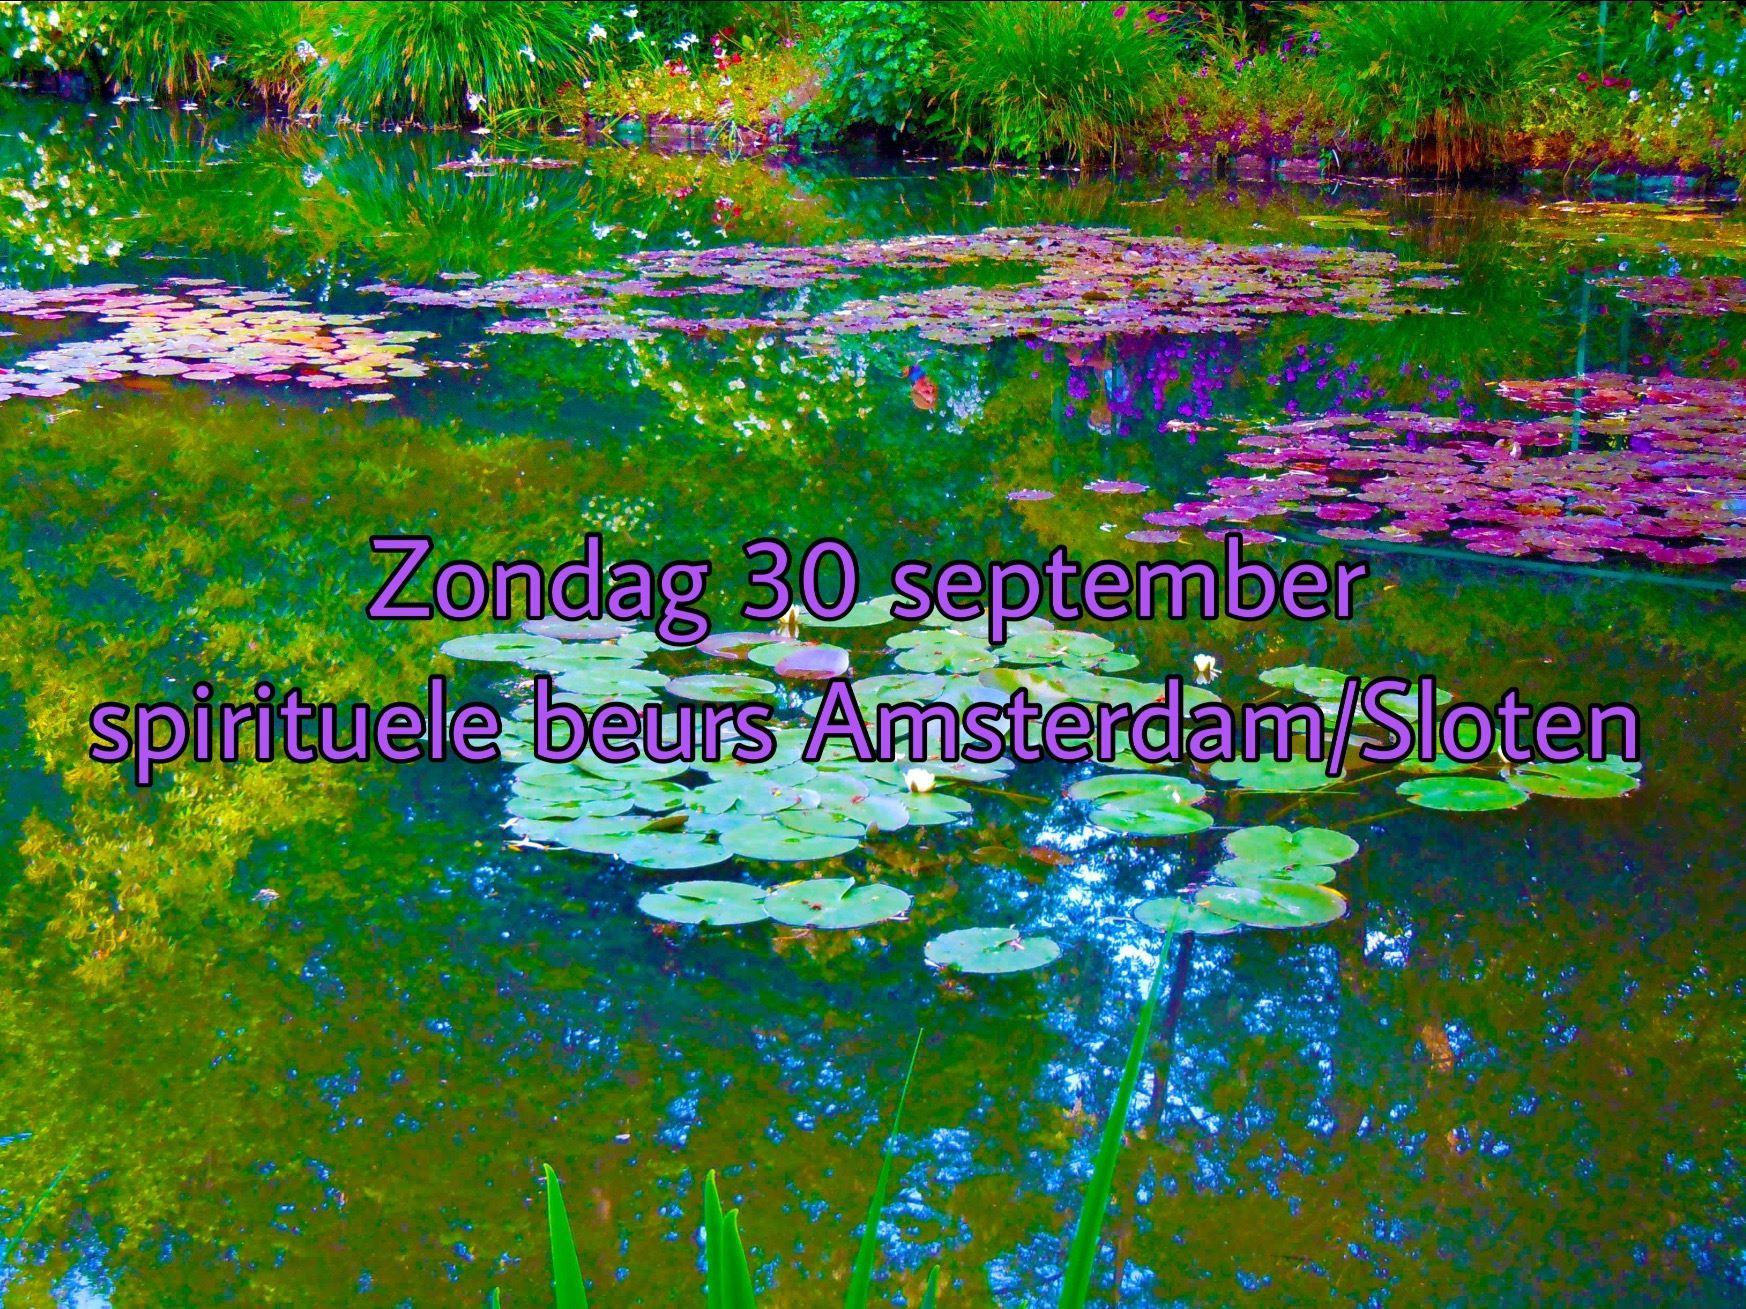 Zondag 30 september spirituele beurs te Amsterdam/Sloten.